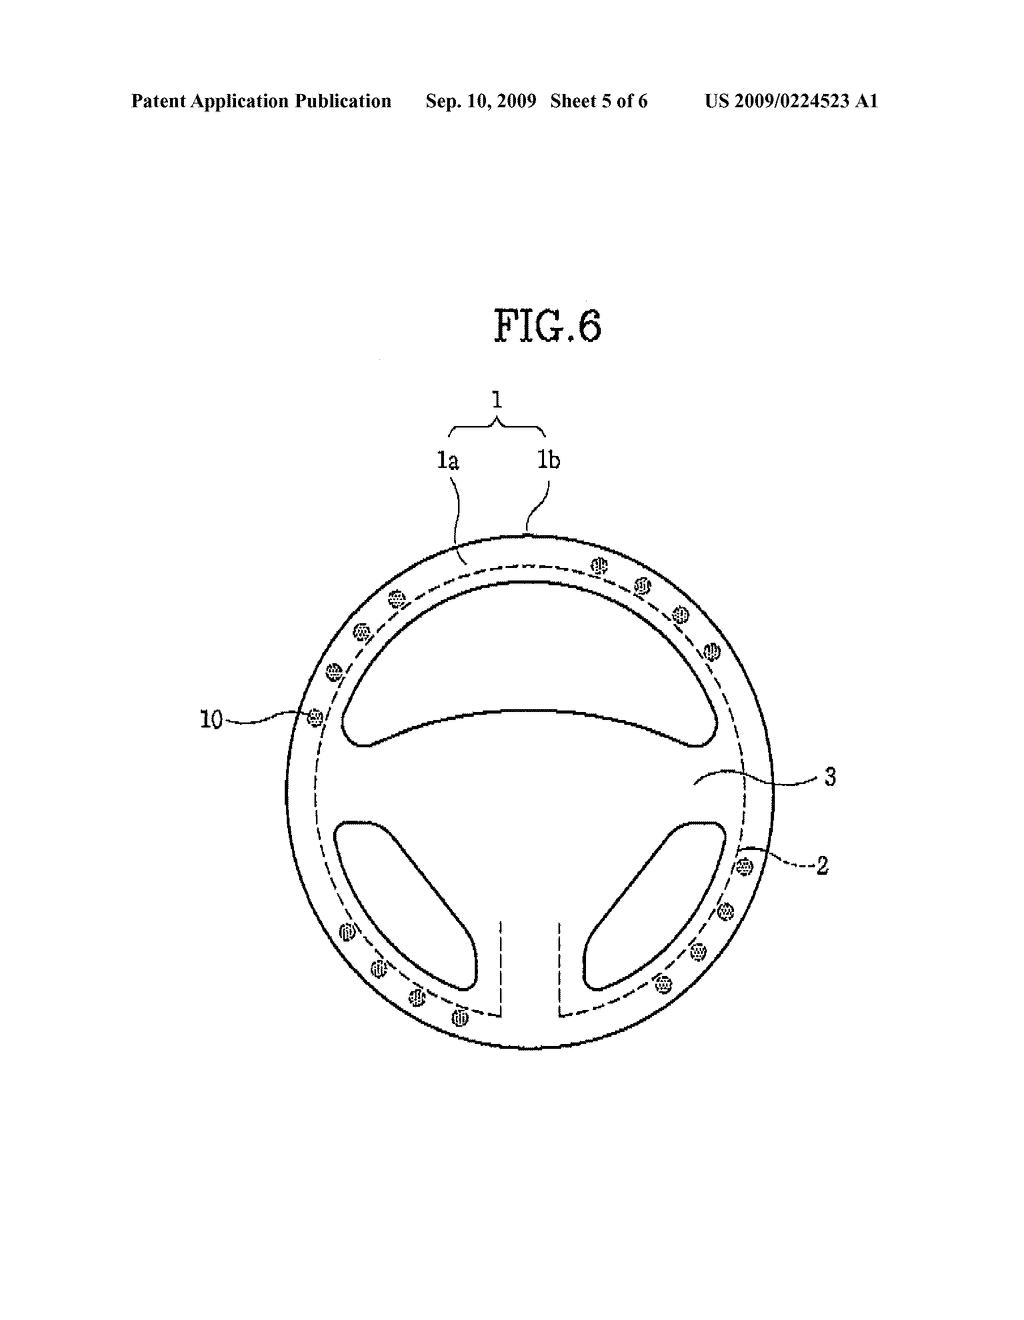 Steering Wheel Diagram - Board Wiring Diagrams